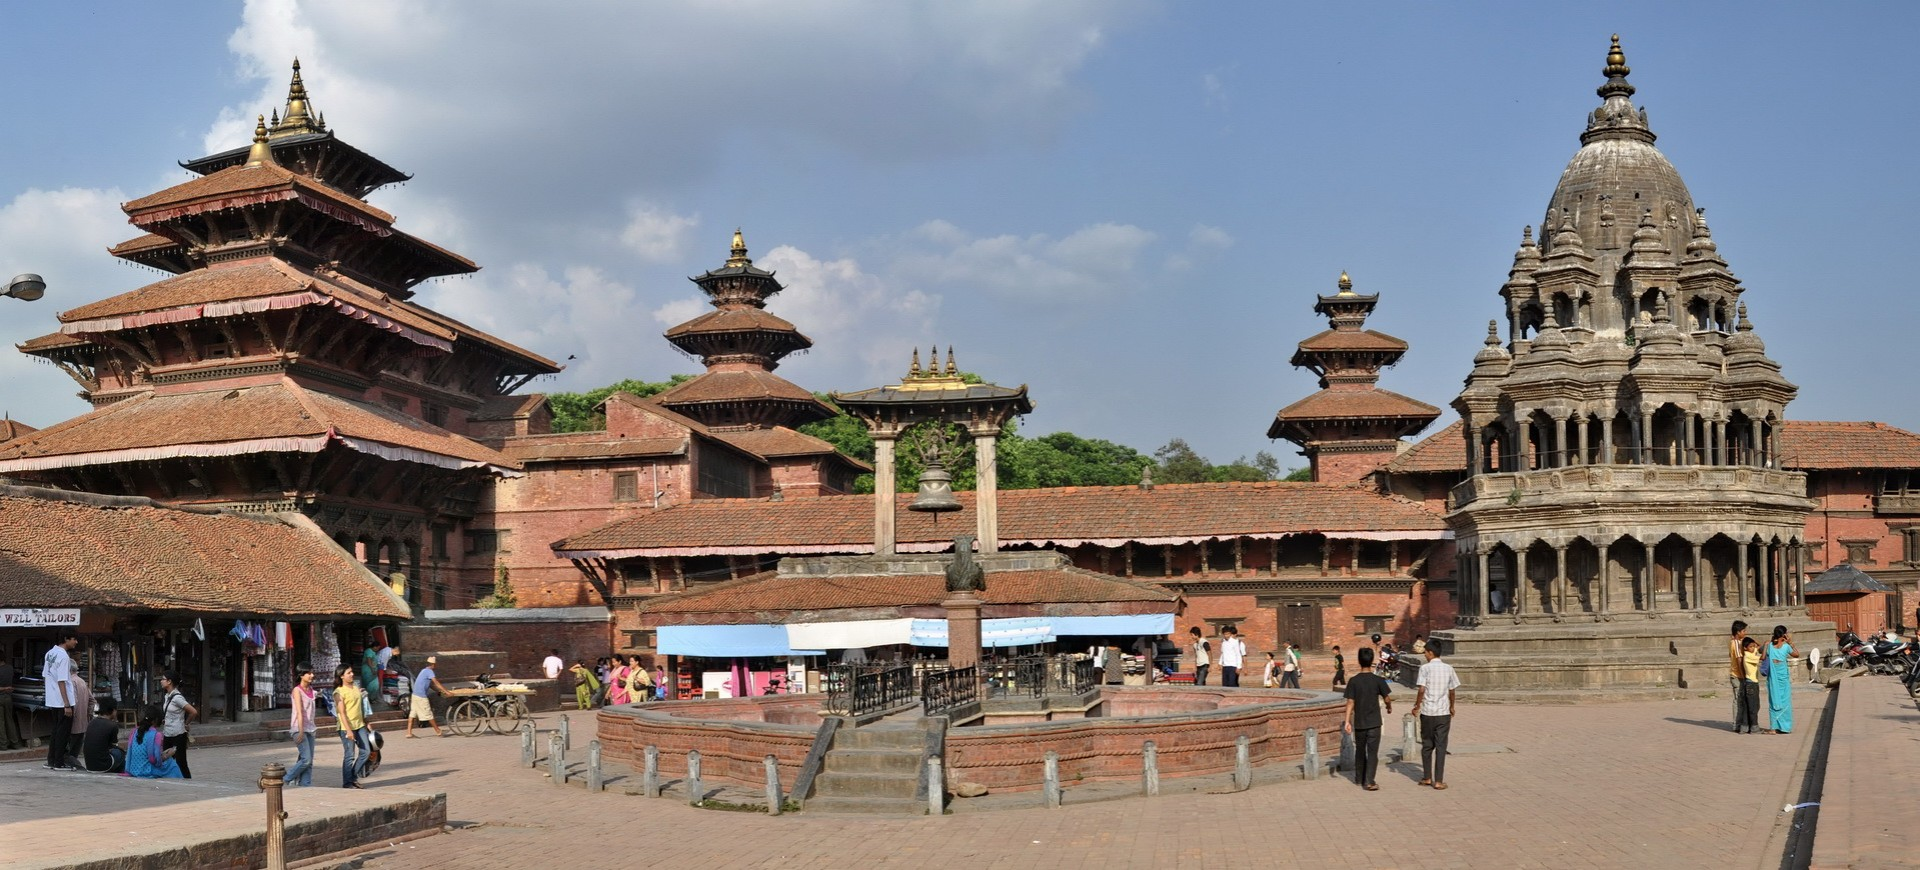 Dubar Square à Patan Kathmandou